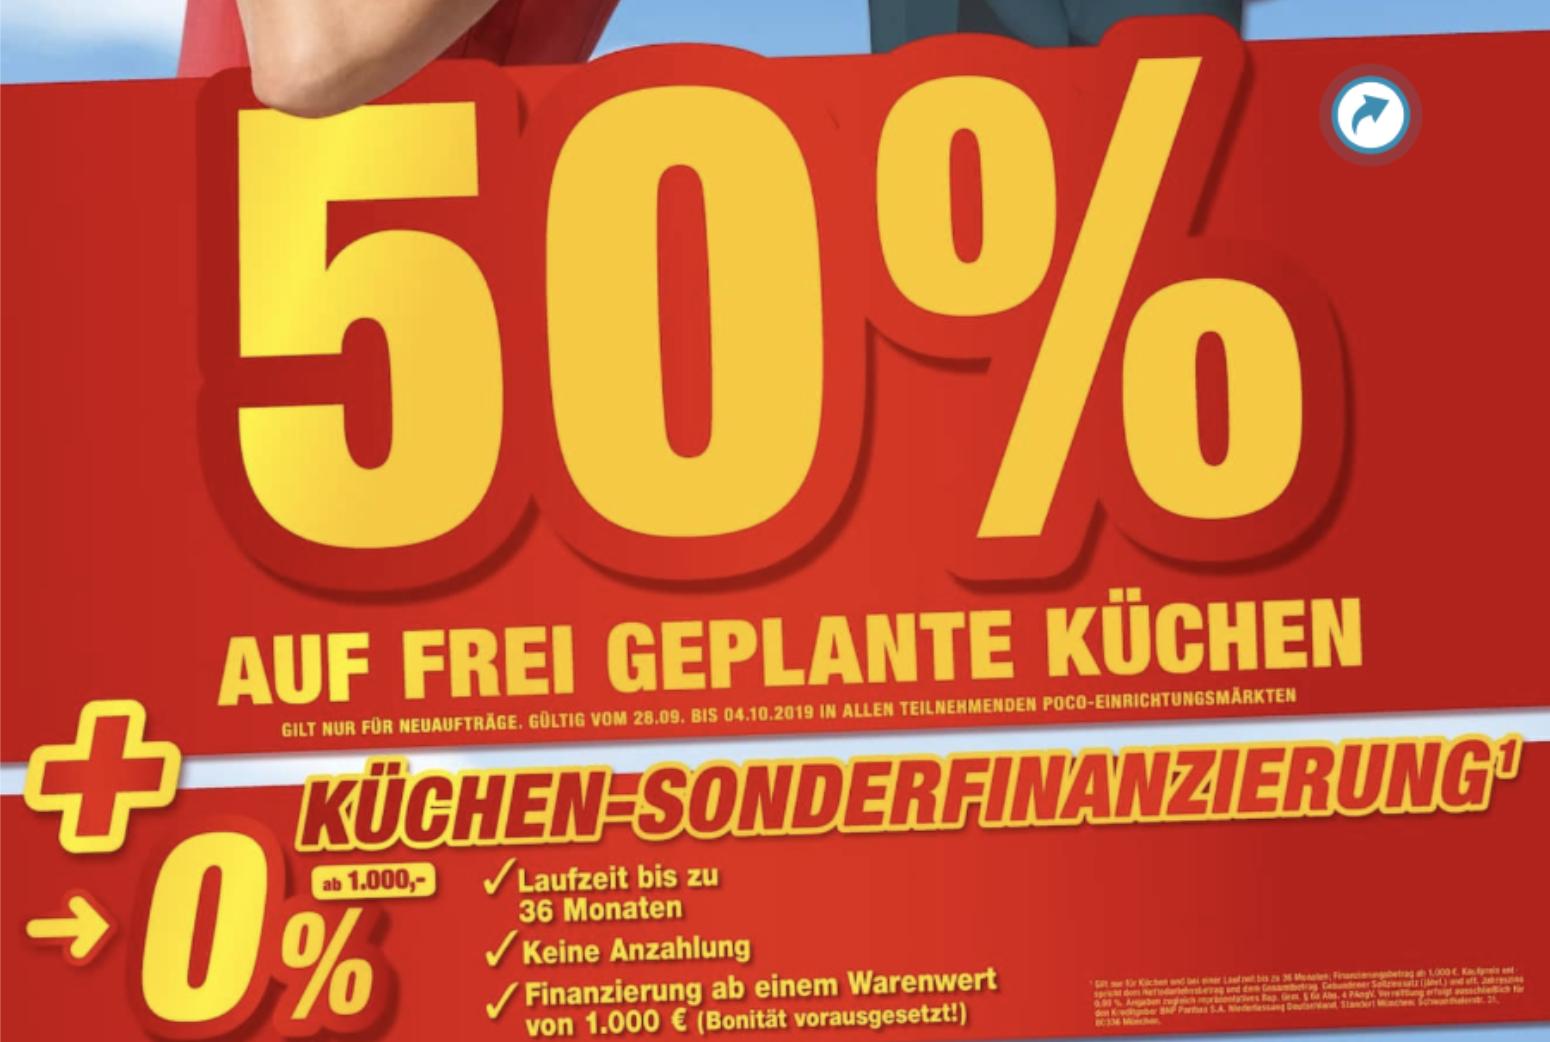 POCO: 20% Rabatt auf fast Alles, 50% auf frei geplante